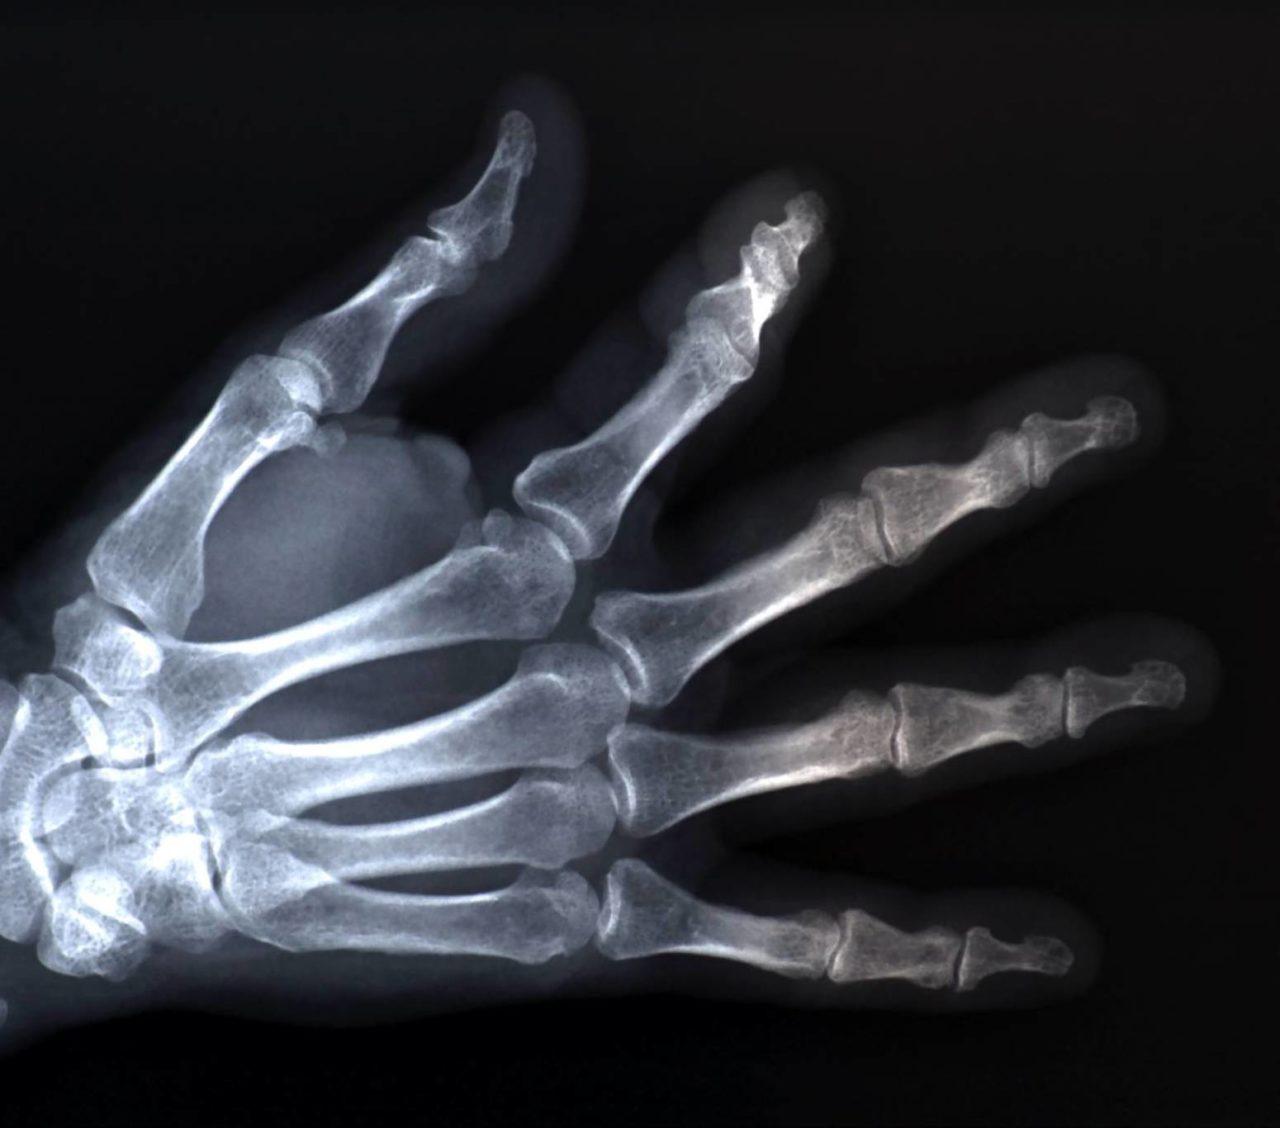 røntgenbilde-1280x1128.jpg